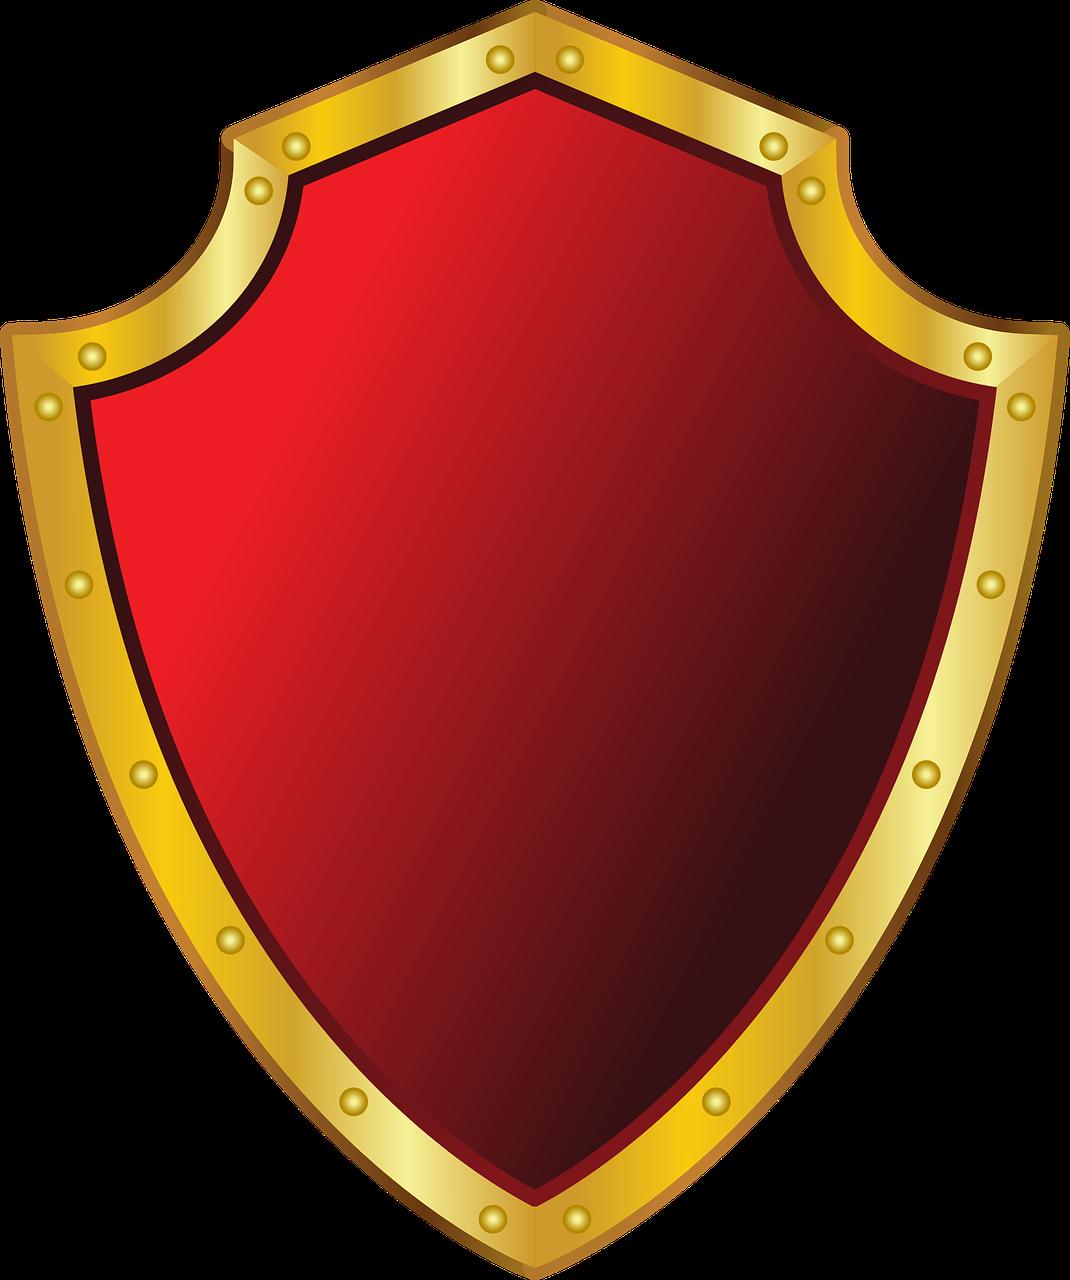 них картинки гербов на фоне щита марбелья